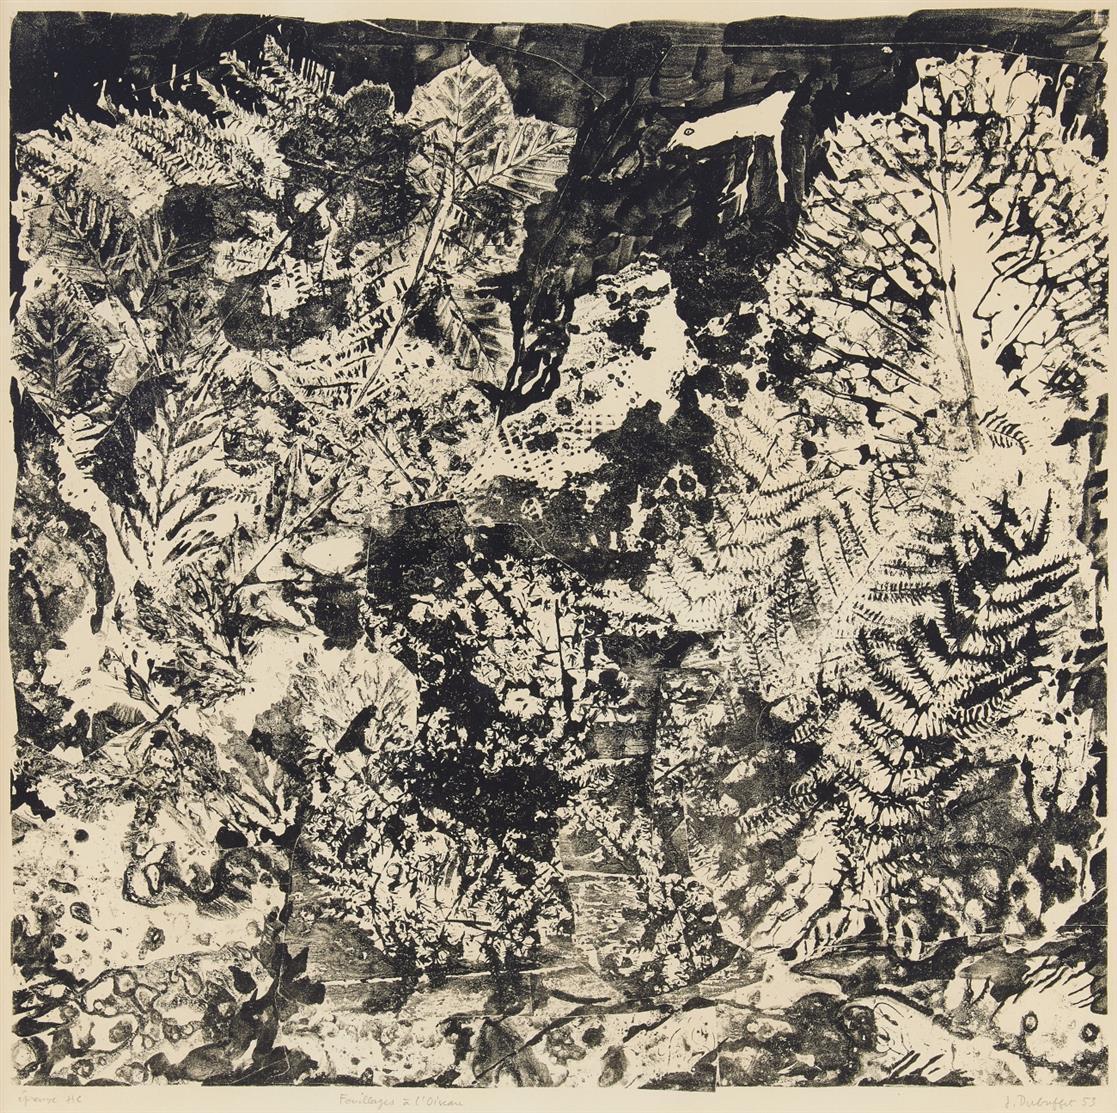 Jean Dubuffet. Feuillages à l'oiseau. 1953. Lithographie. Signiert. Ex. H. C.